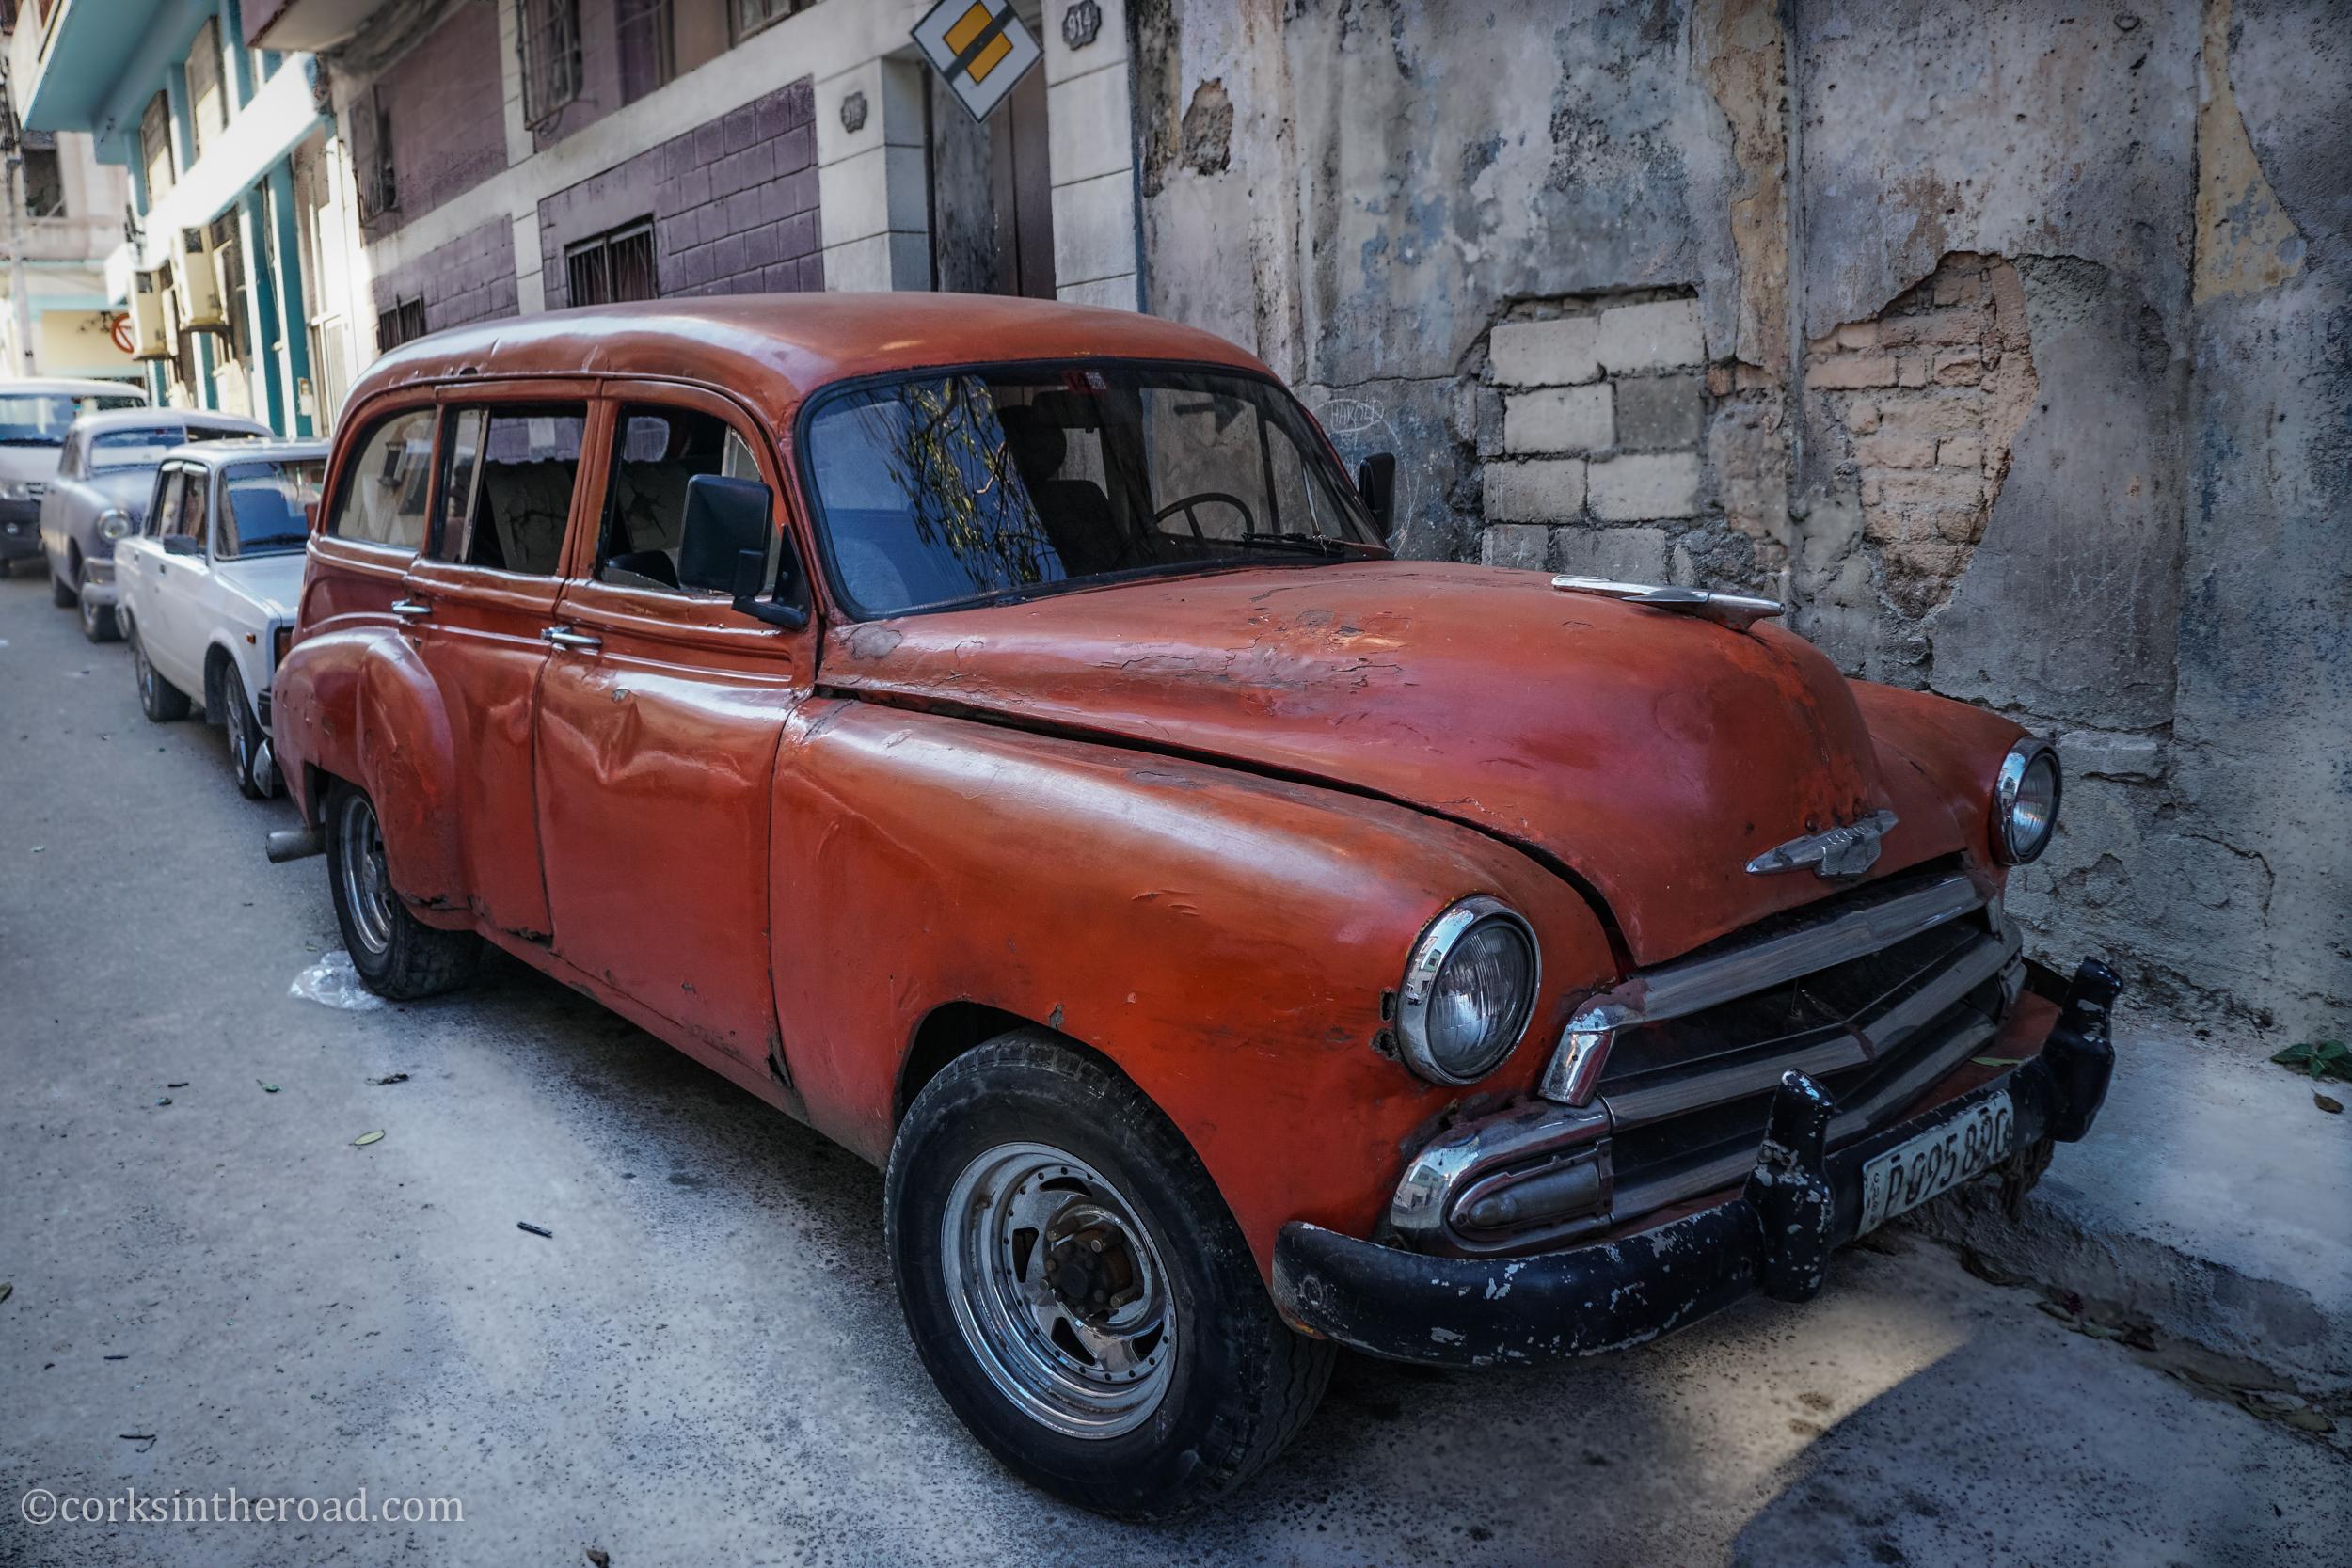 Cars, Corksintheroad, Cuba, Havana-7.jpg